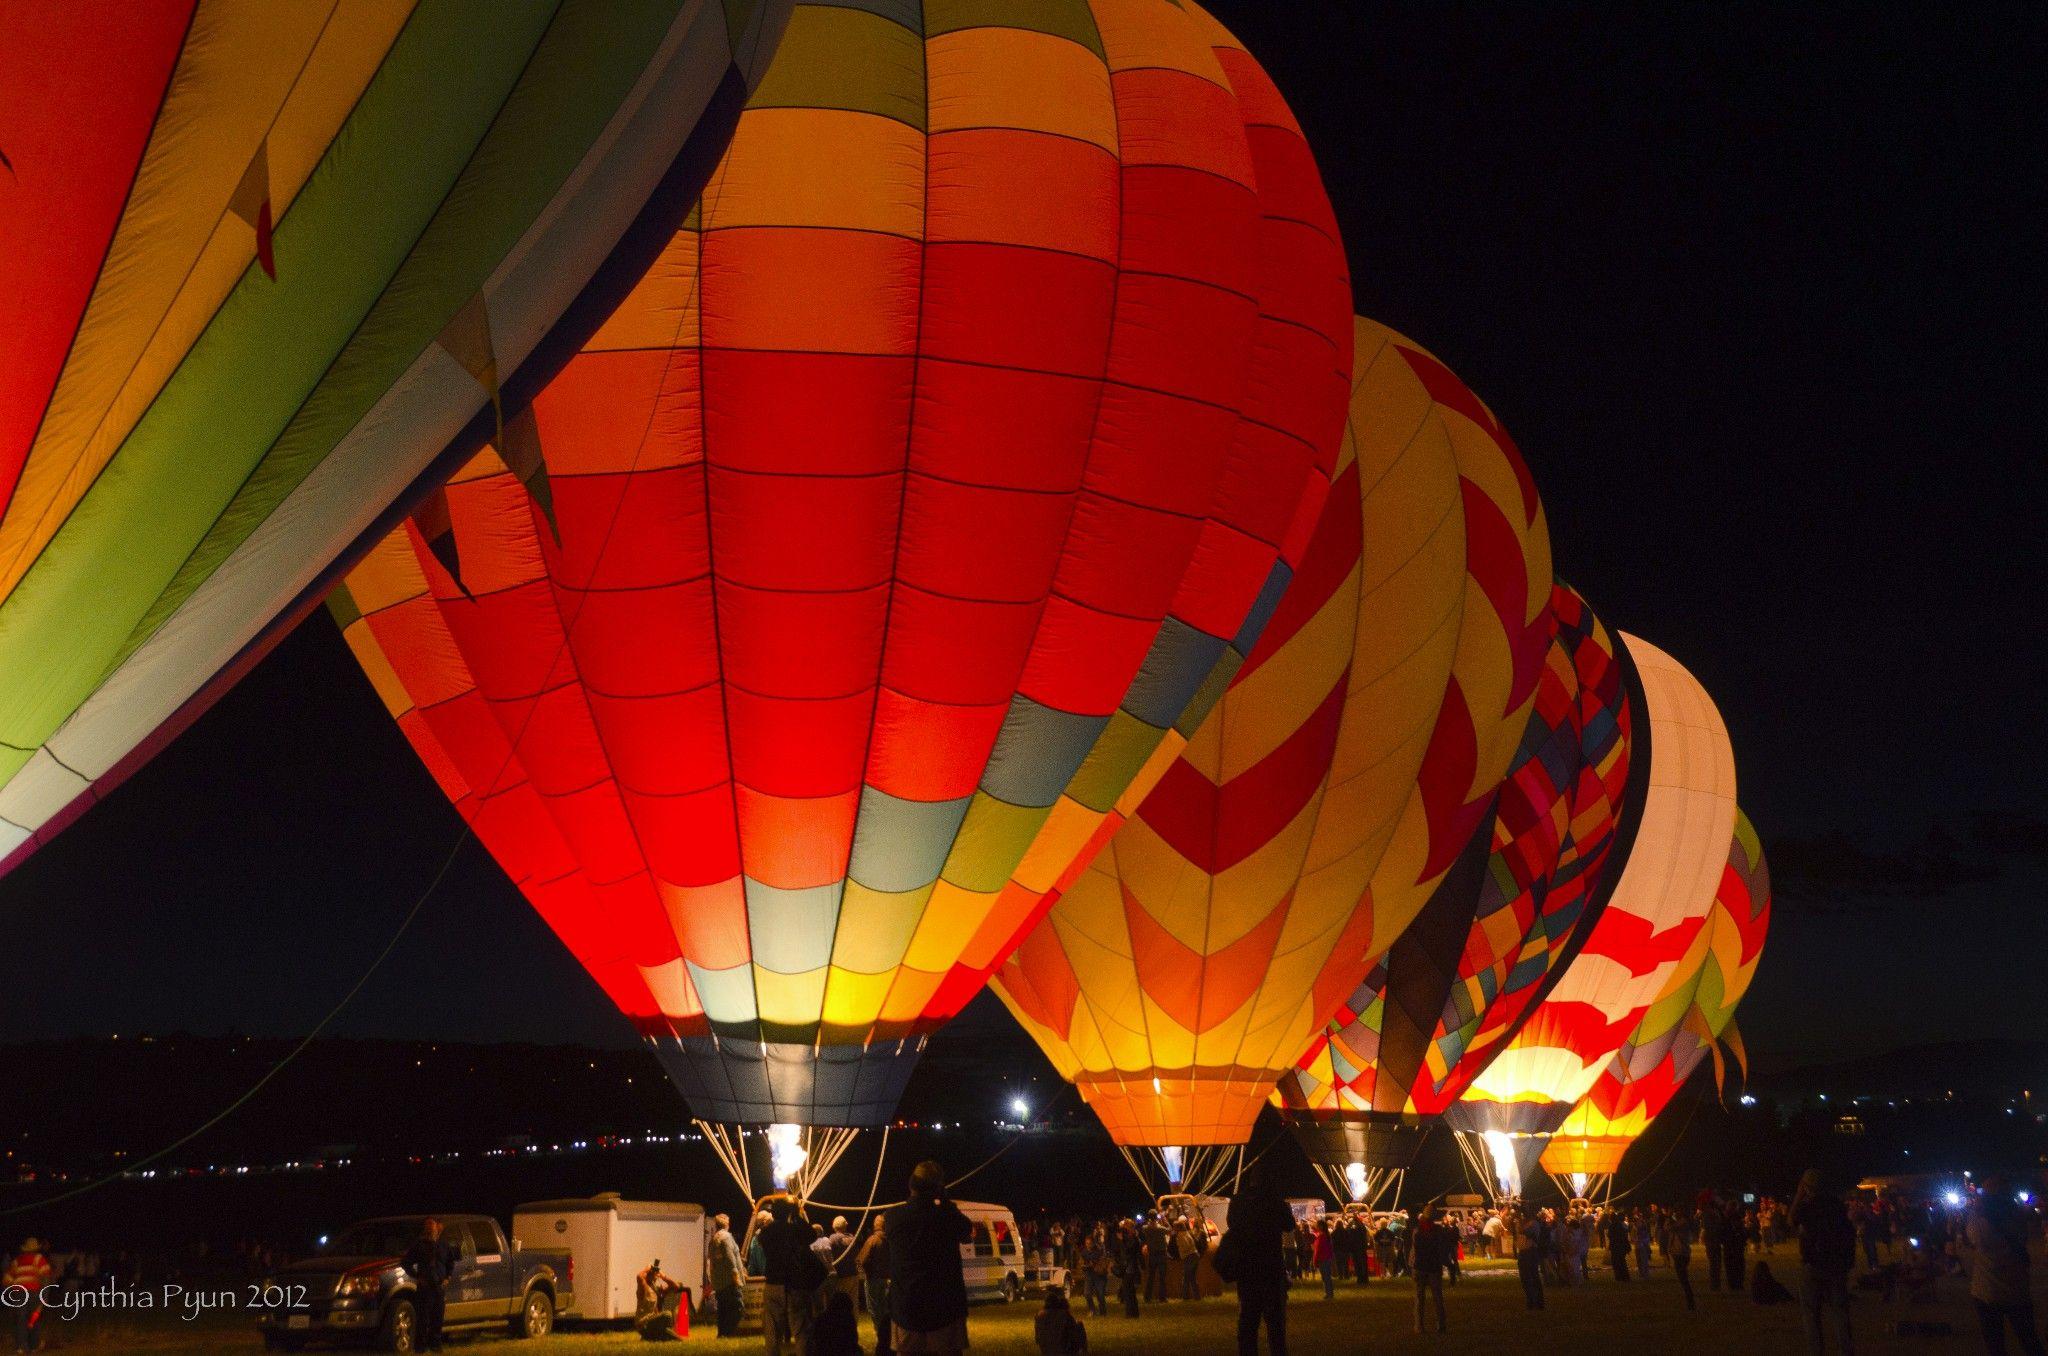 Reno Hot Air Balloon Race Balloon race, Air ballon, Hot